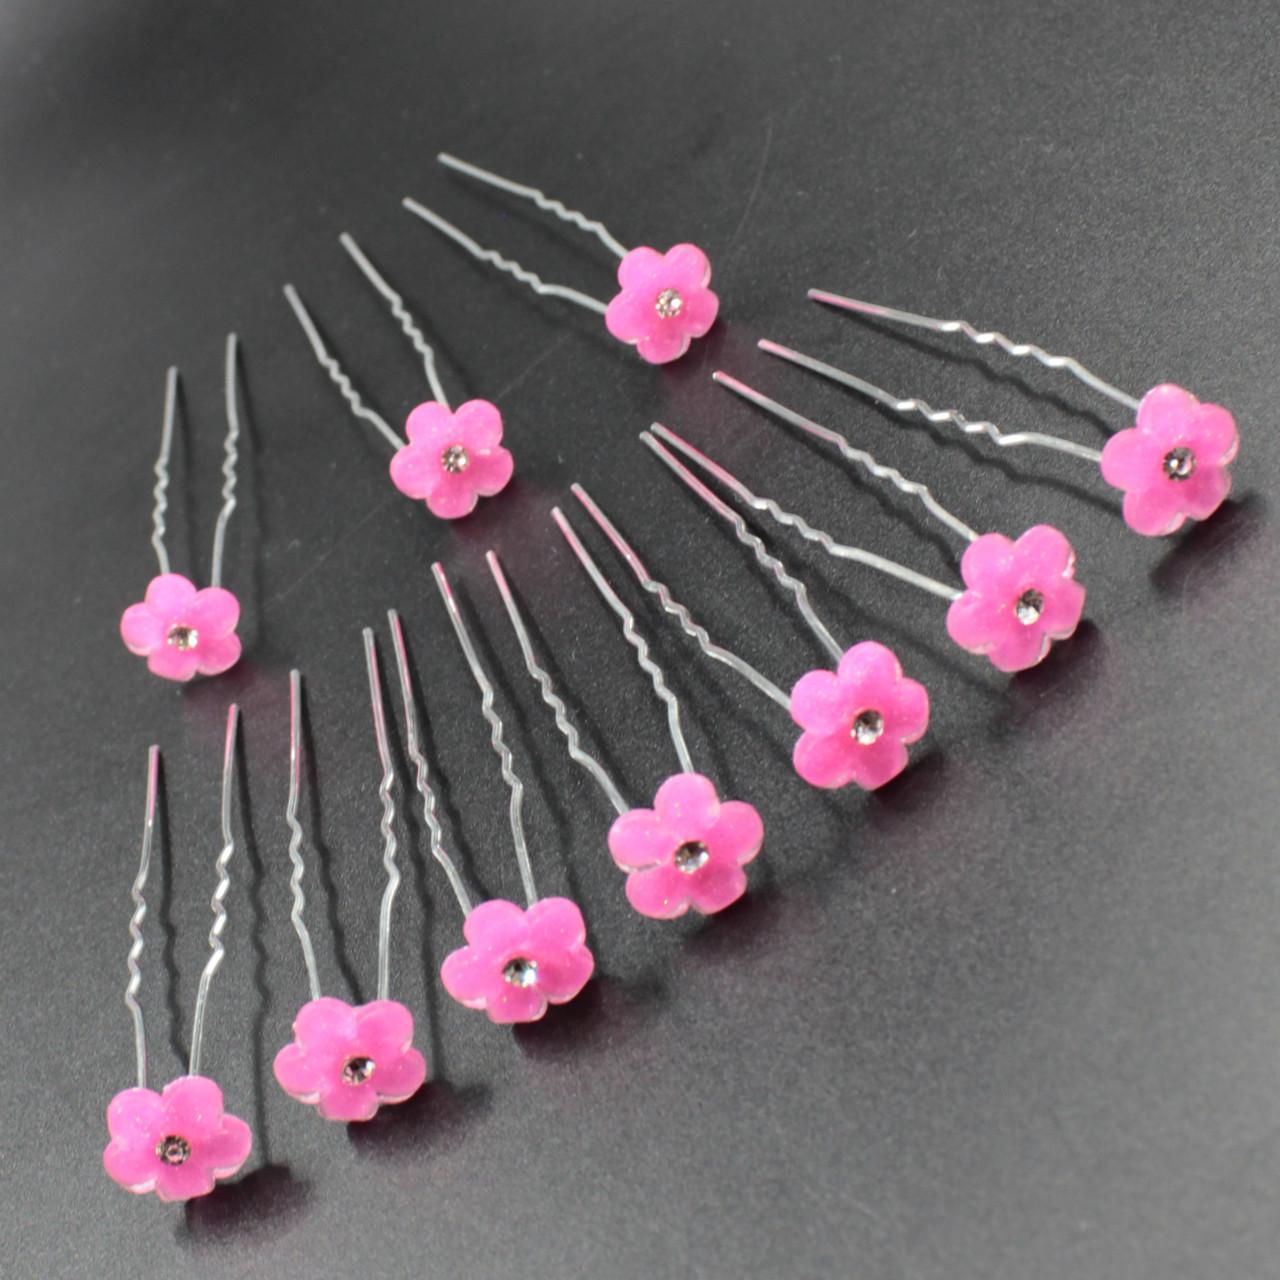 """Шпилька для волос в виде цветка """"Andreas Pink"""" 10 шт"""